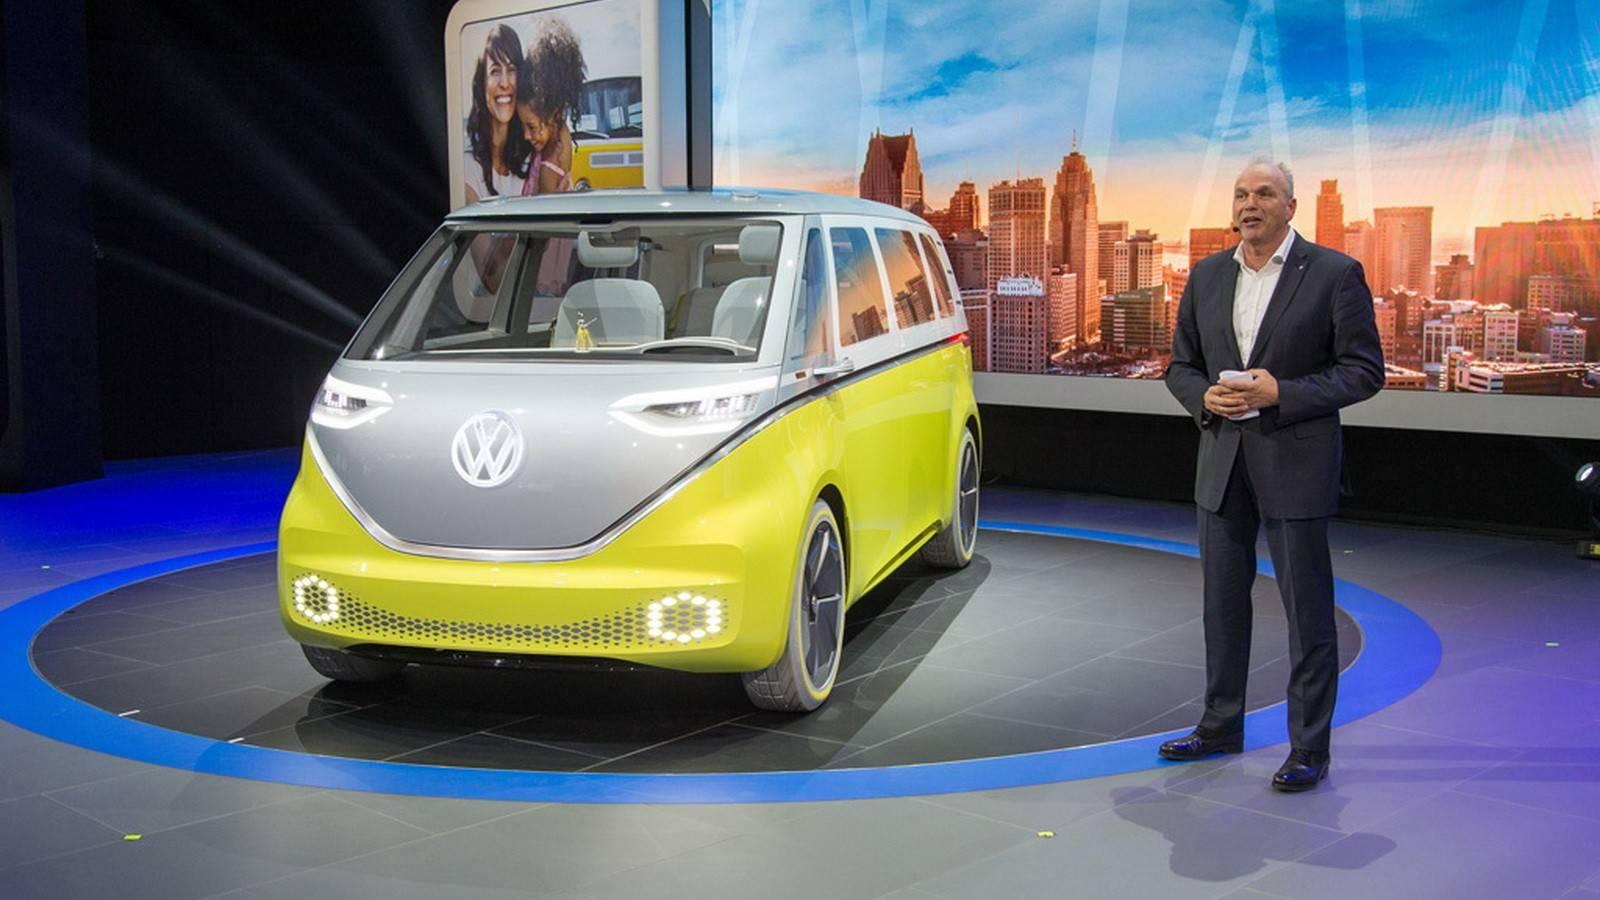 Какие компании принадлежат концерну volkswagen